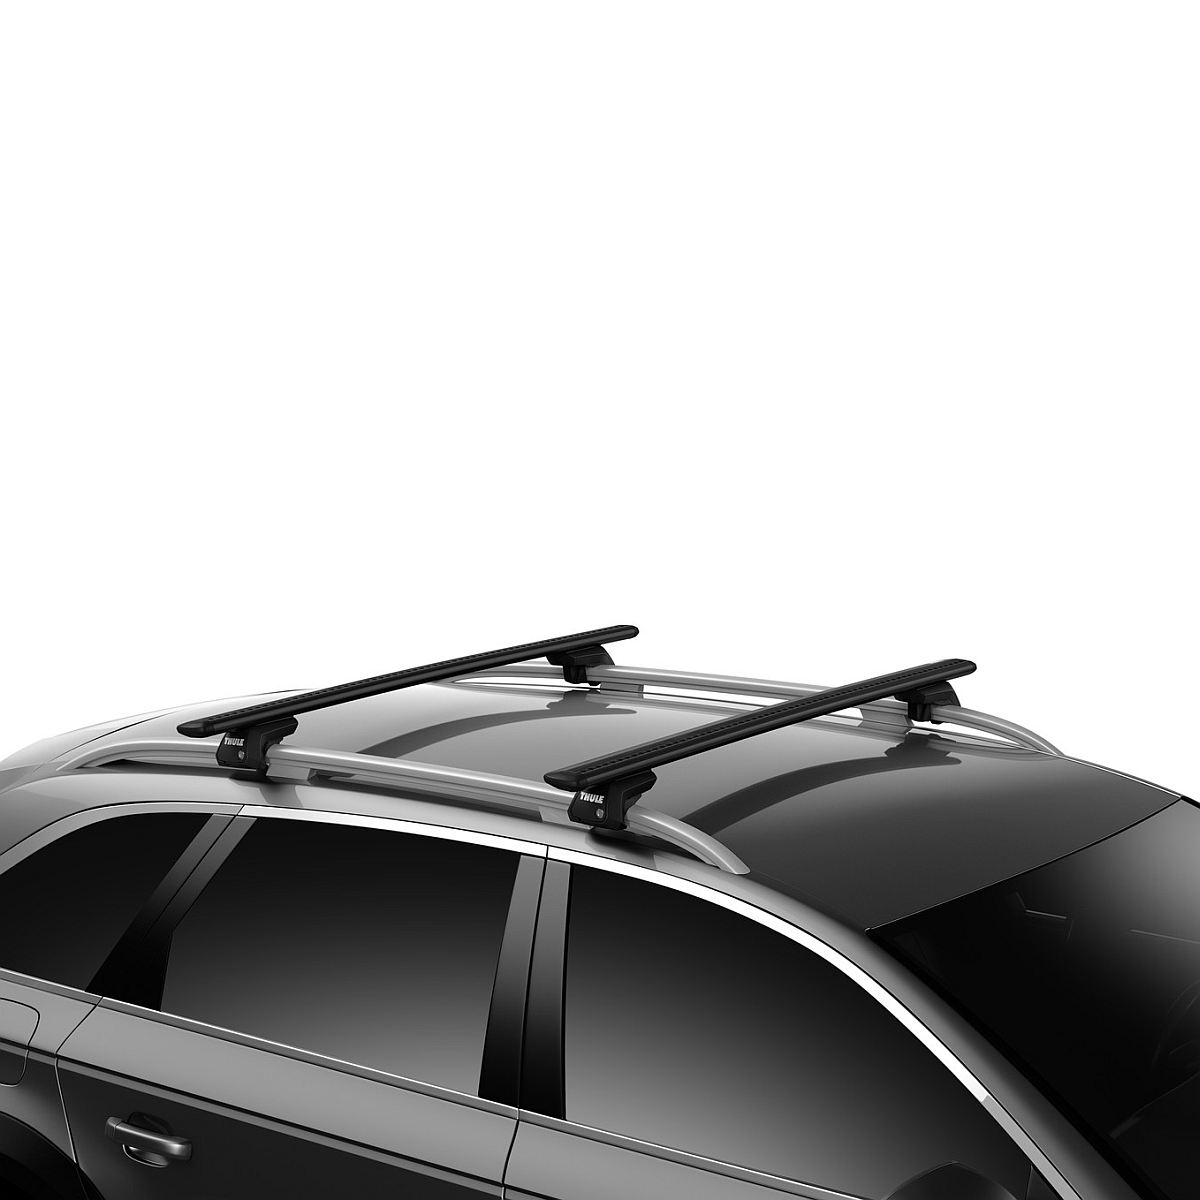 Напречни греди Thule Evo Raised Rail WingBar Evo 127cm в Черно за FIAT Stilo Uproad 5 врати SUV 02-07, с фабрични надлъжни греди с просвет 5